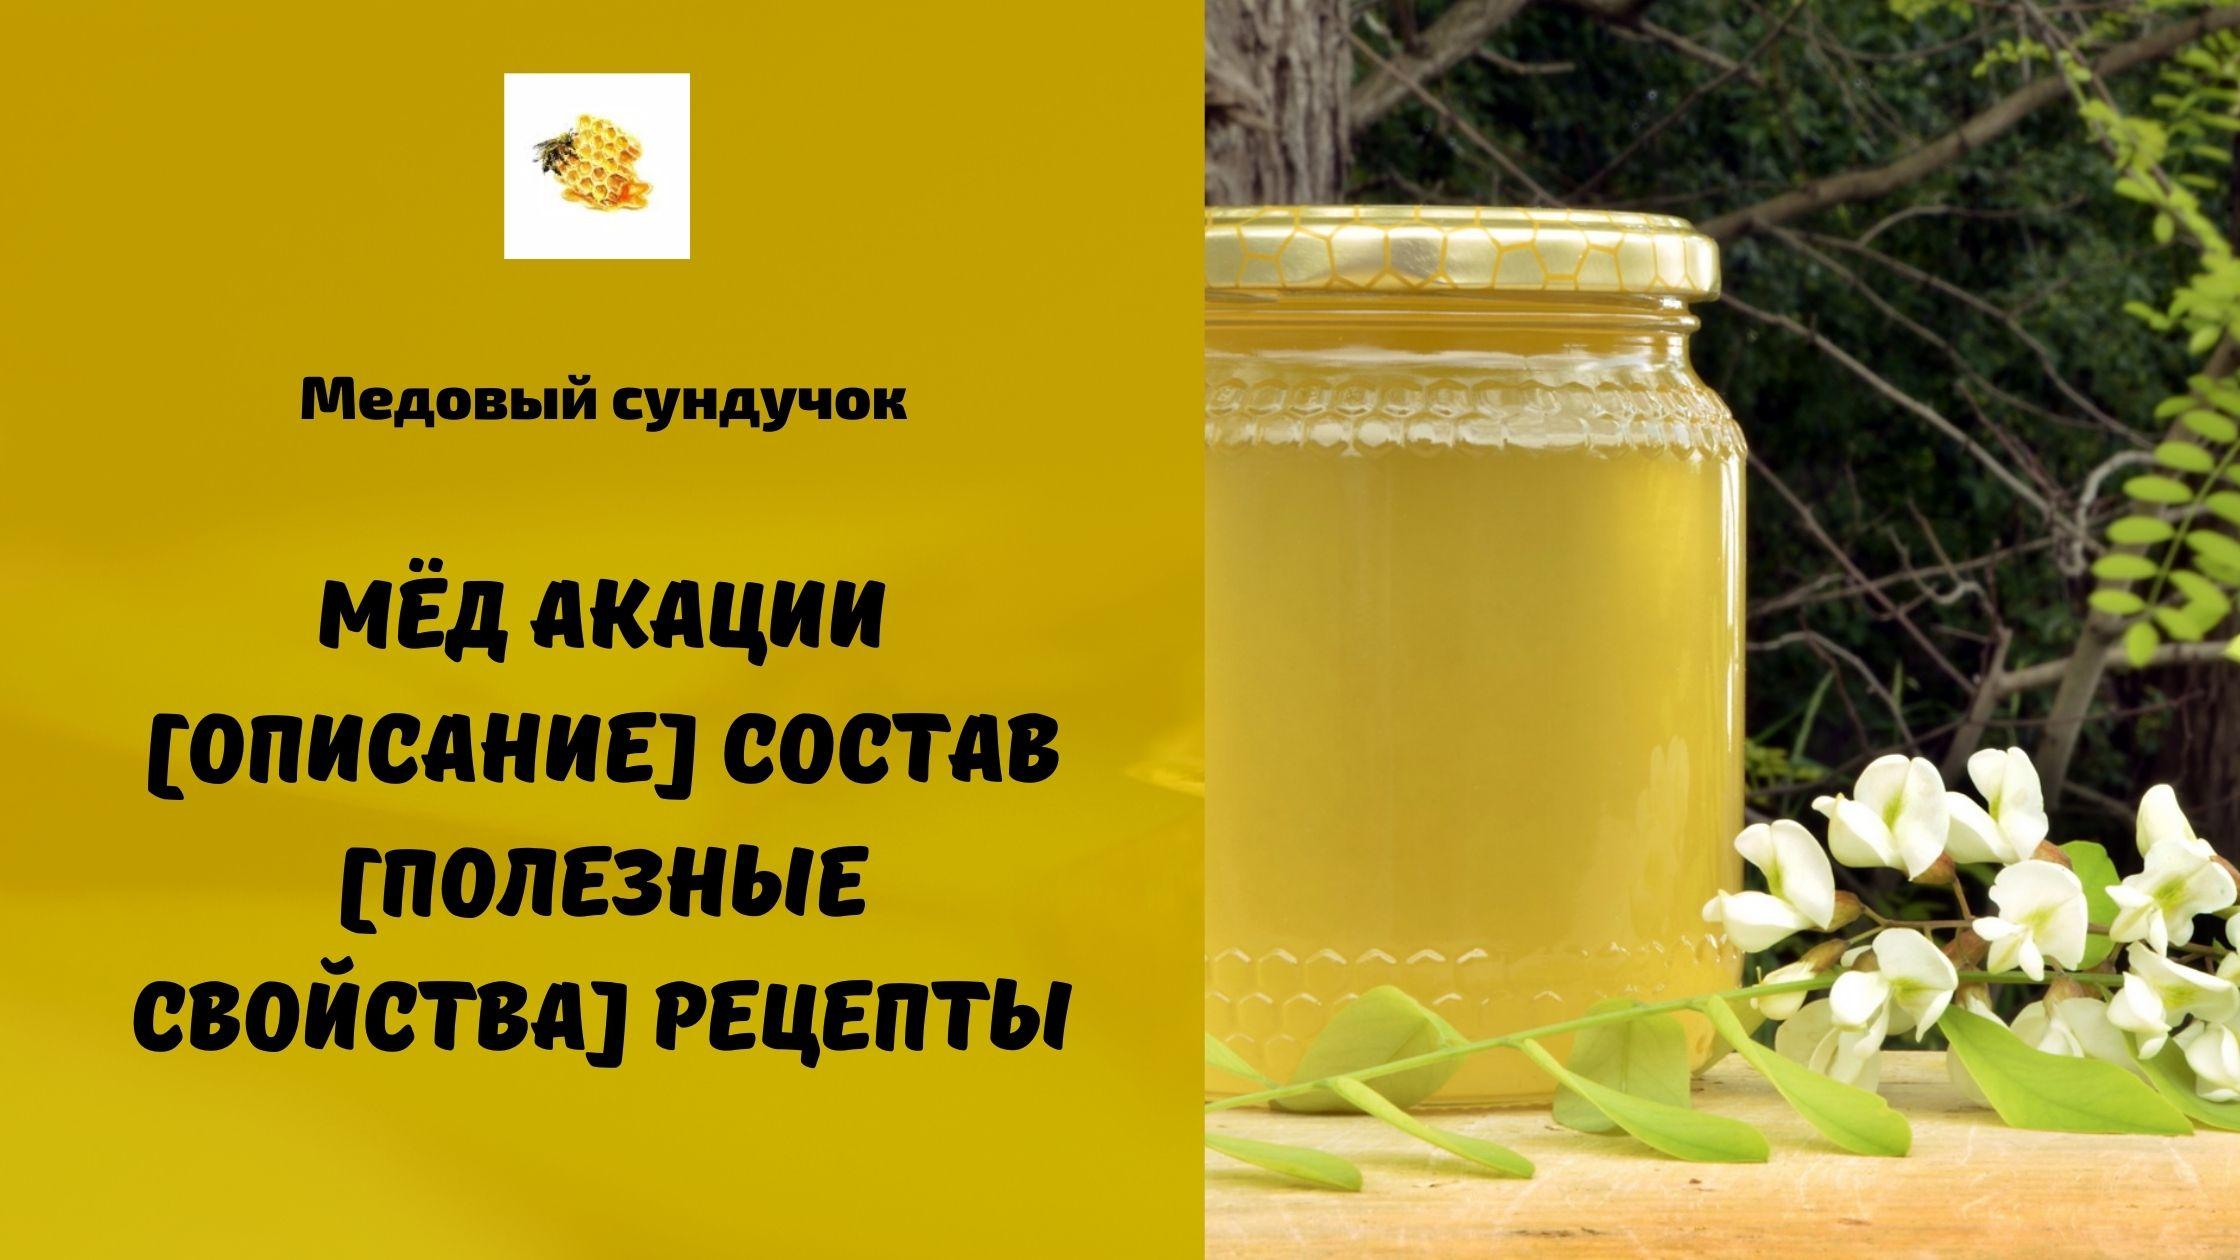 Мёд акации [Описание] Состав [Полезные свойства] Рецепты